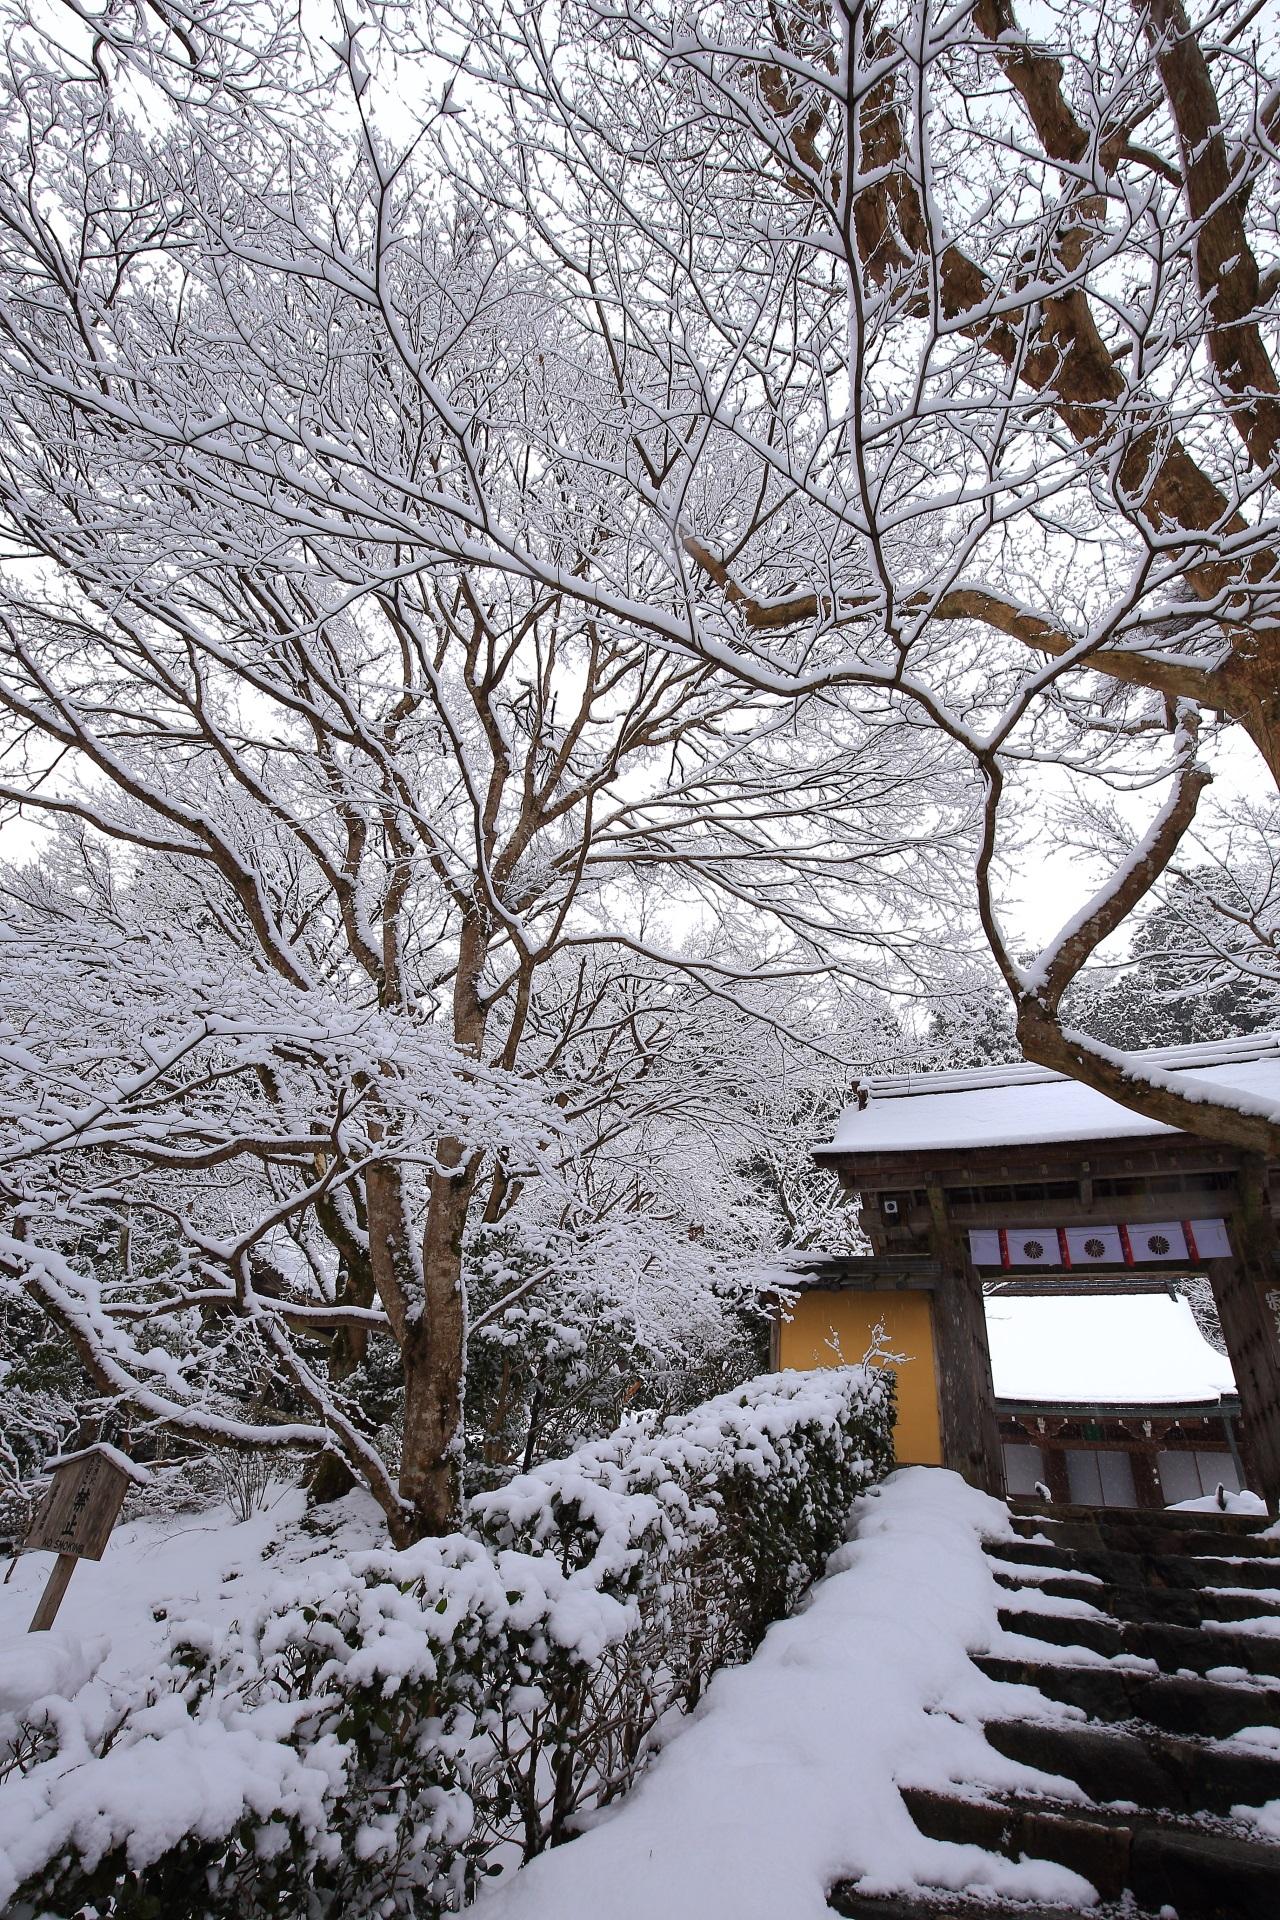 雪の花が咲く冬の寂光院